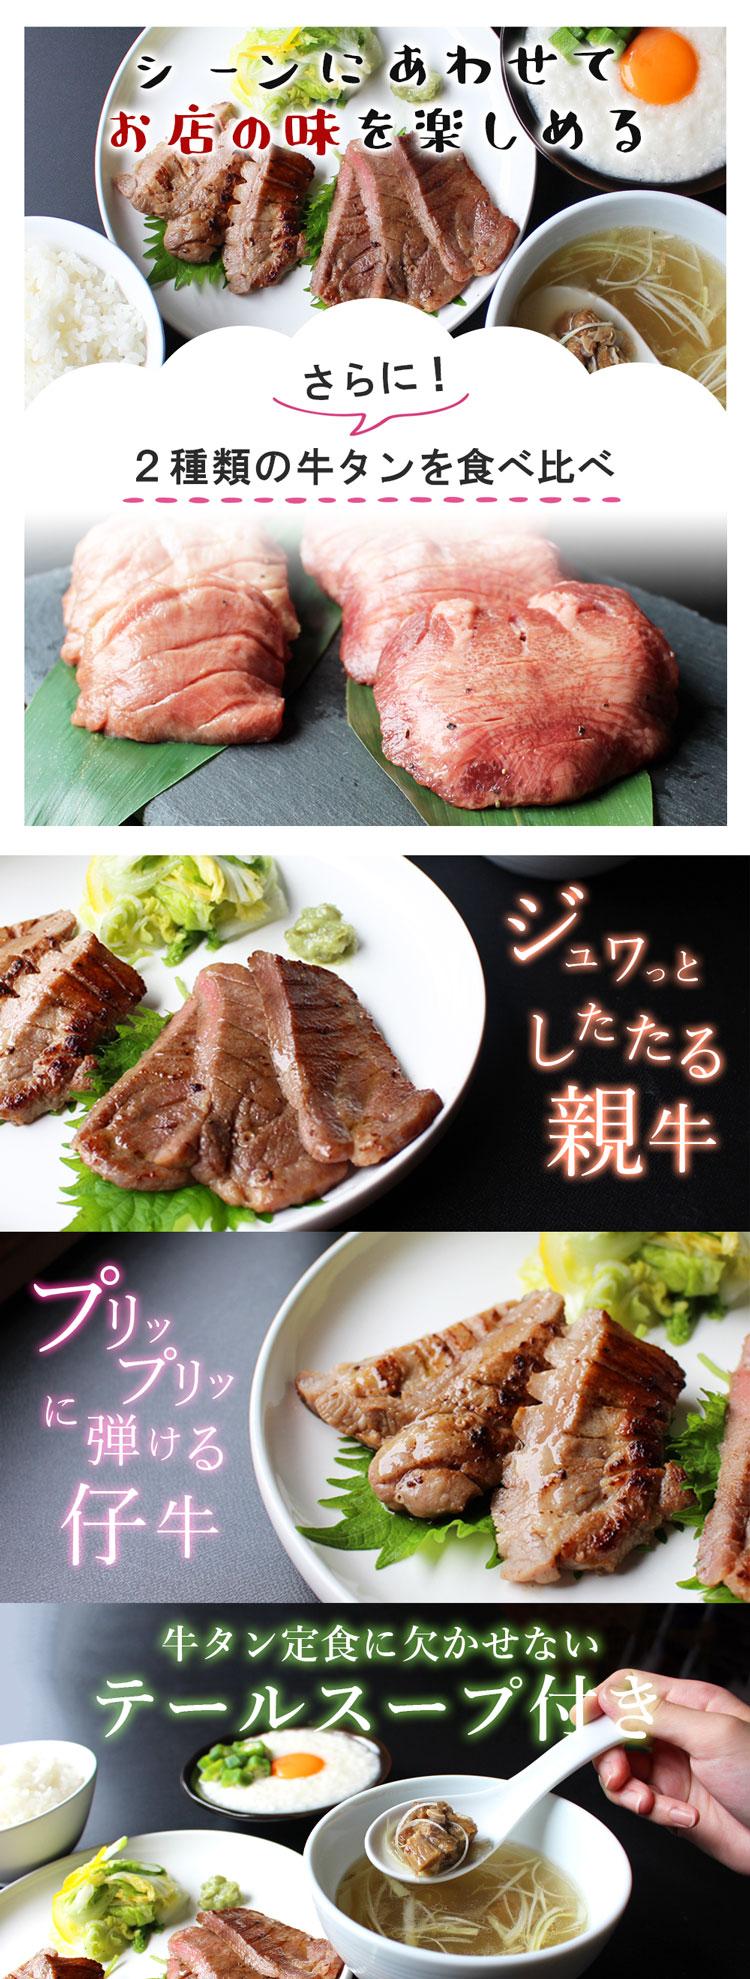 霜降り牛タン定食_セット内容2